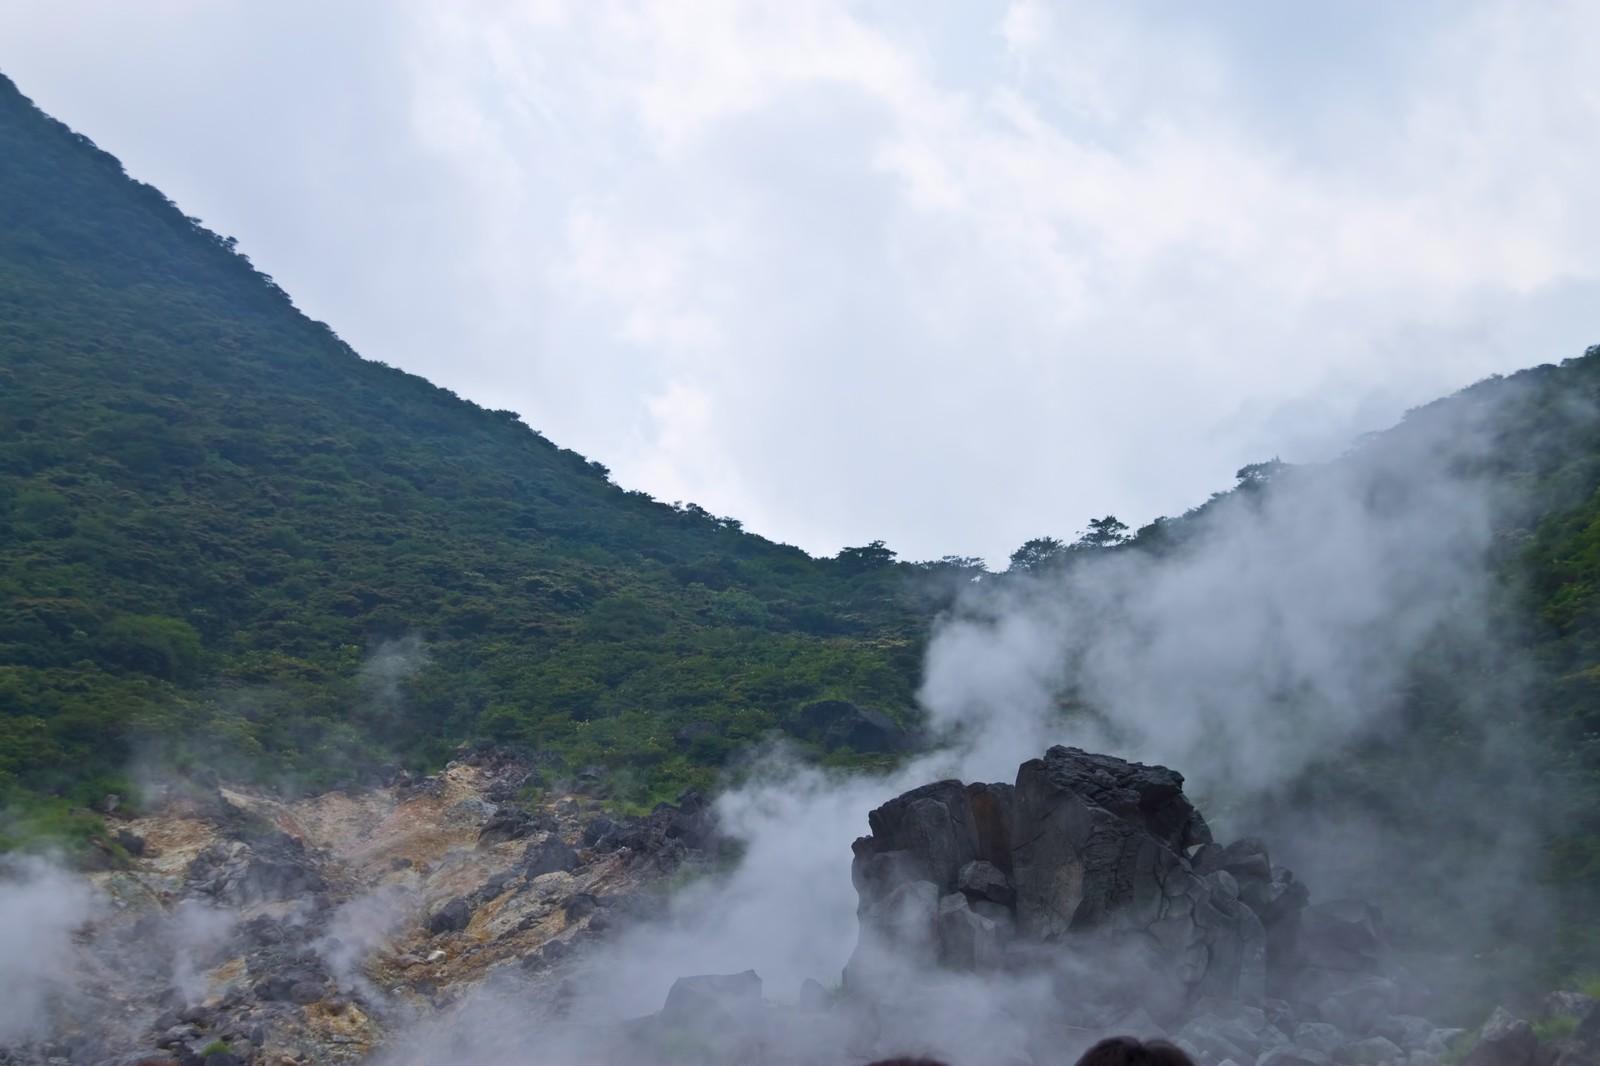 水蒸気が立ち上る大涌谷の画像